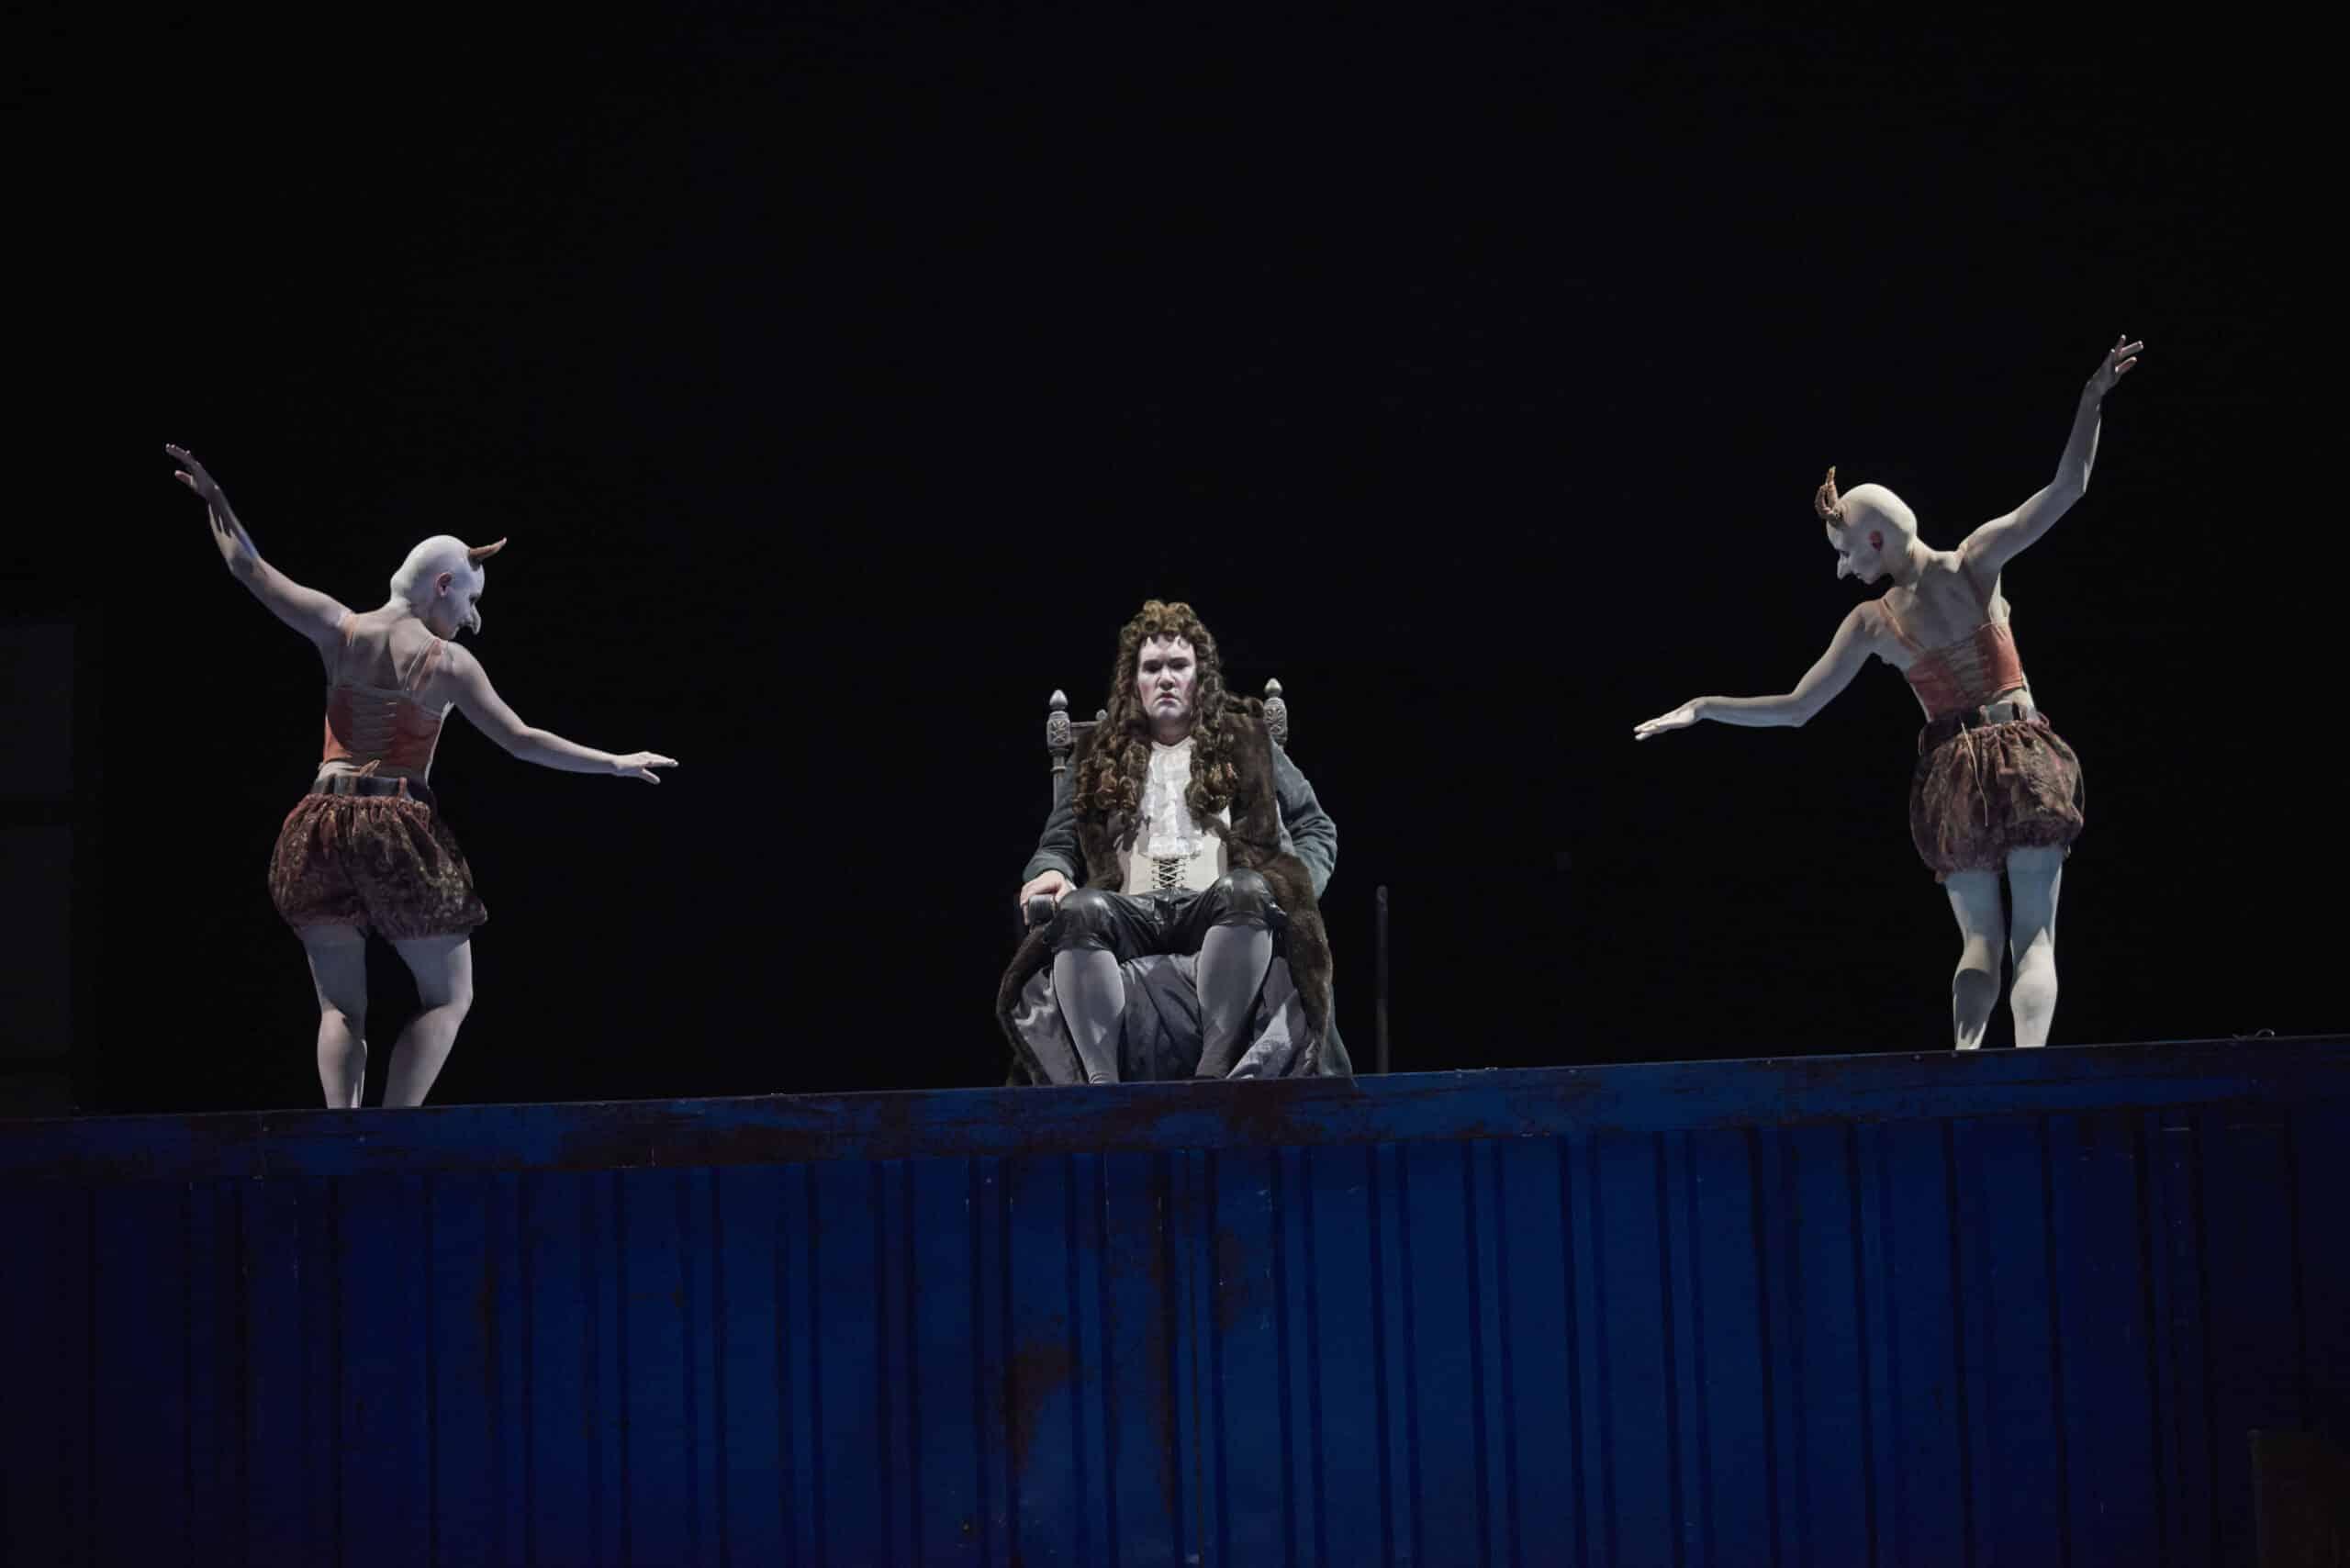 Vom Neid umzingelt: Saul (Mario Klein). Foto: Martin Sigmund / Theater Regensburg.